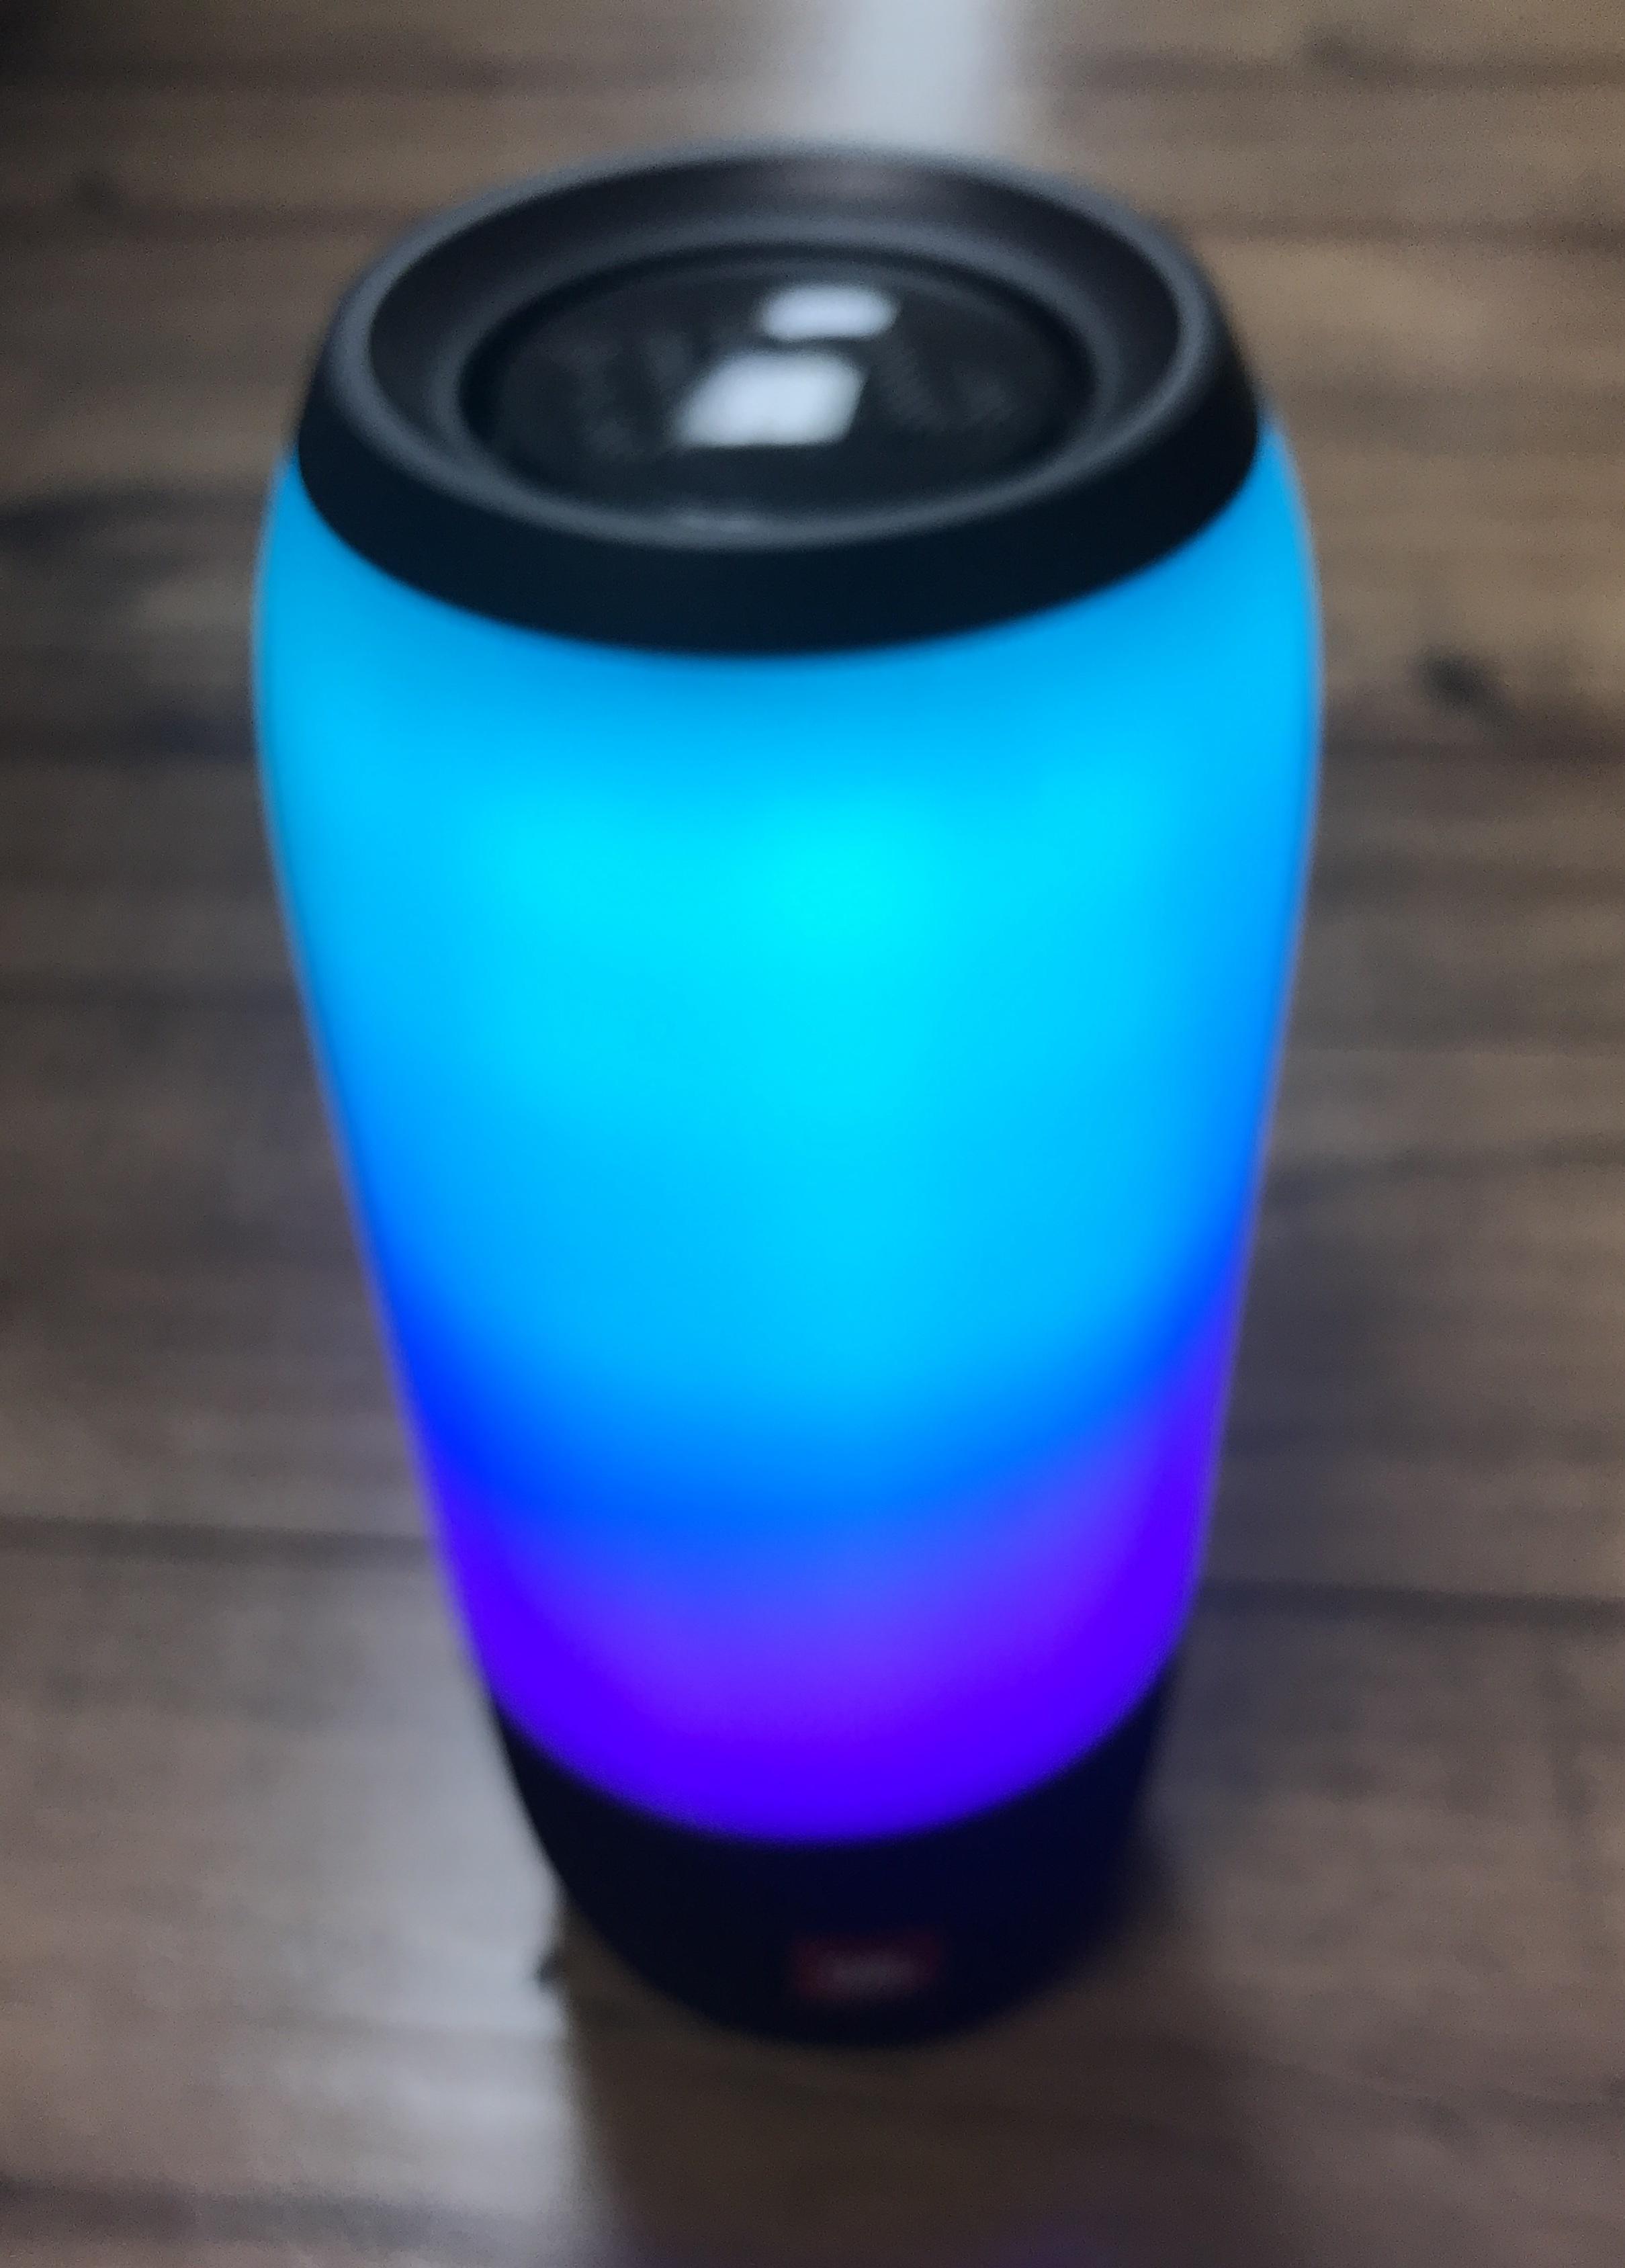 JBL PULSE 3 LIGHT UP SPEAKER NO CHARHER